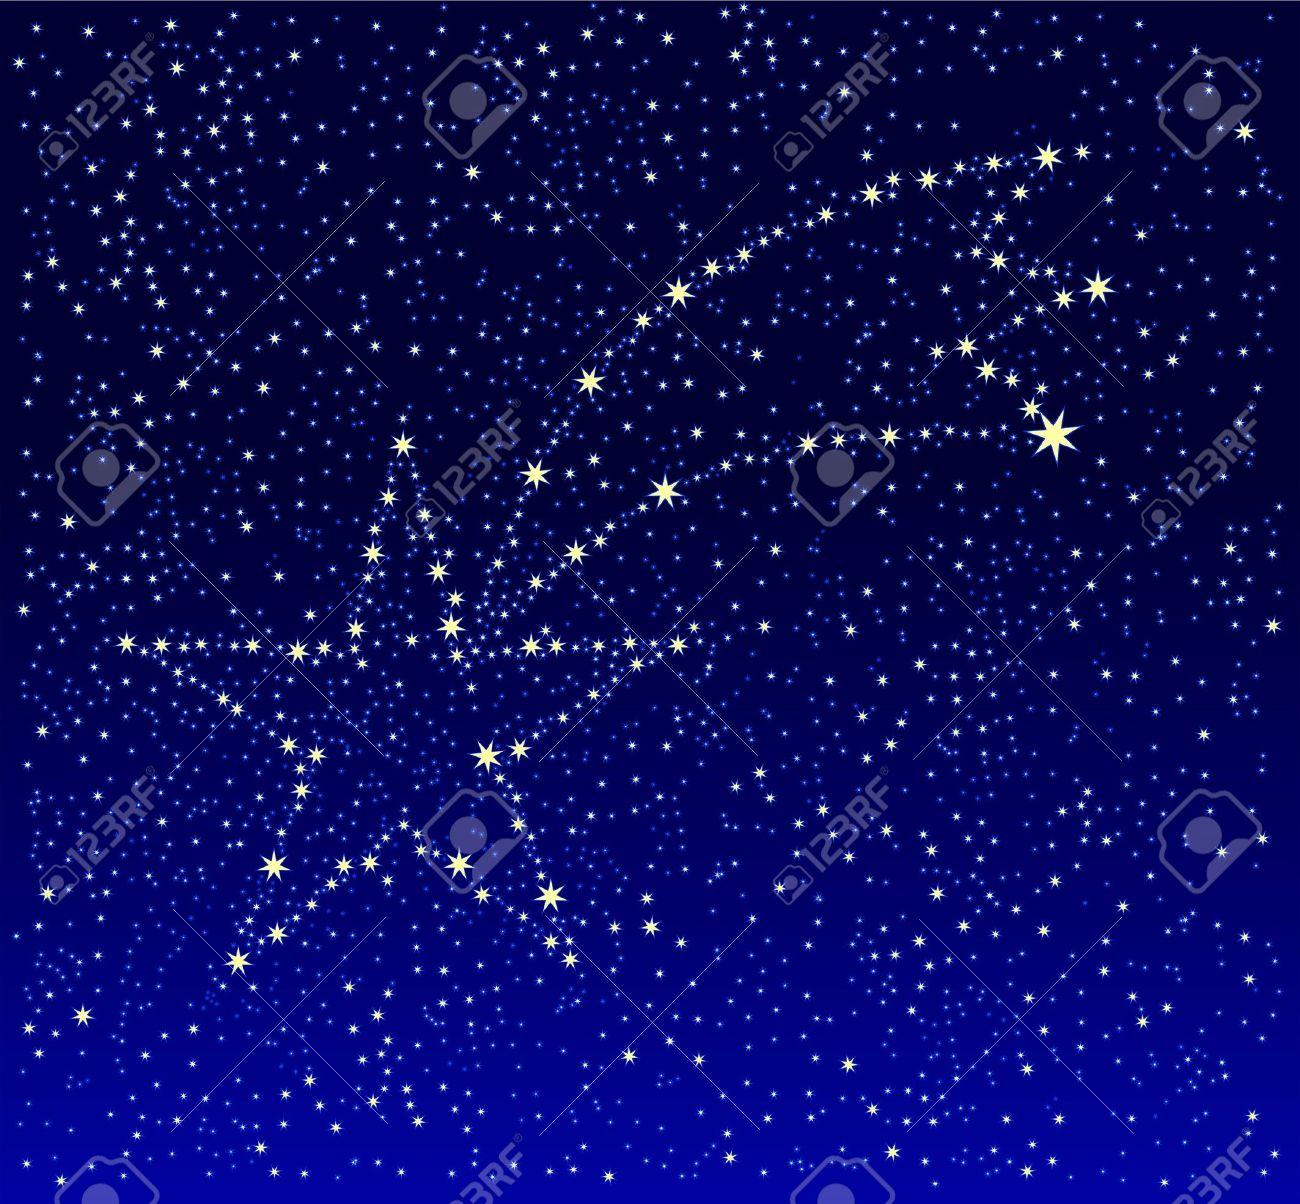 imagenes de estrellas